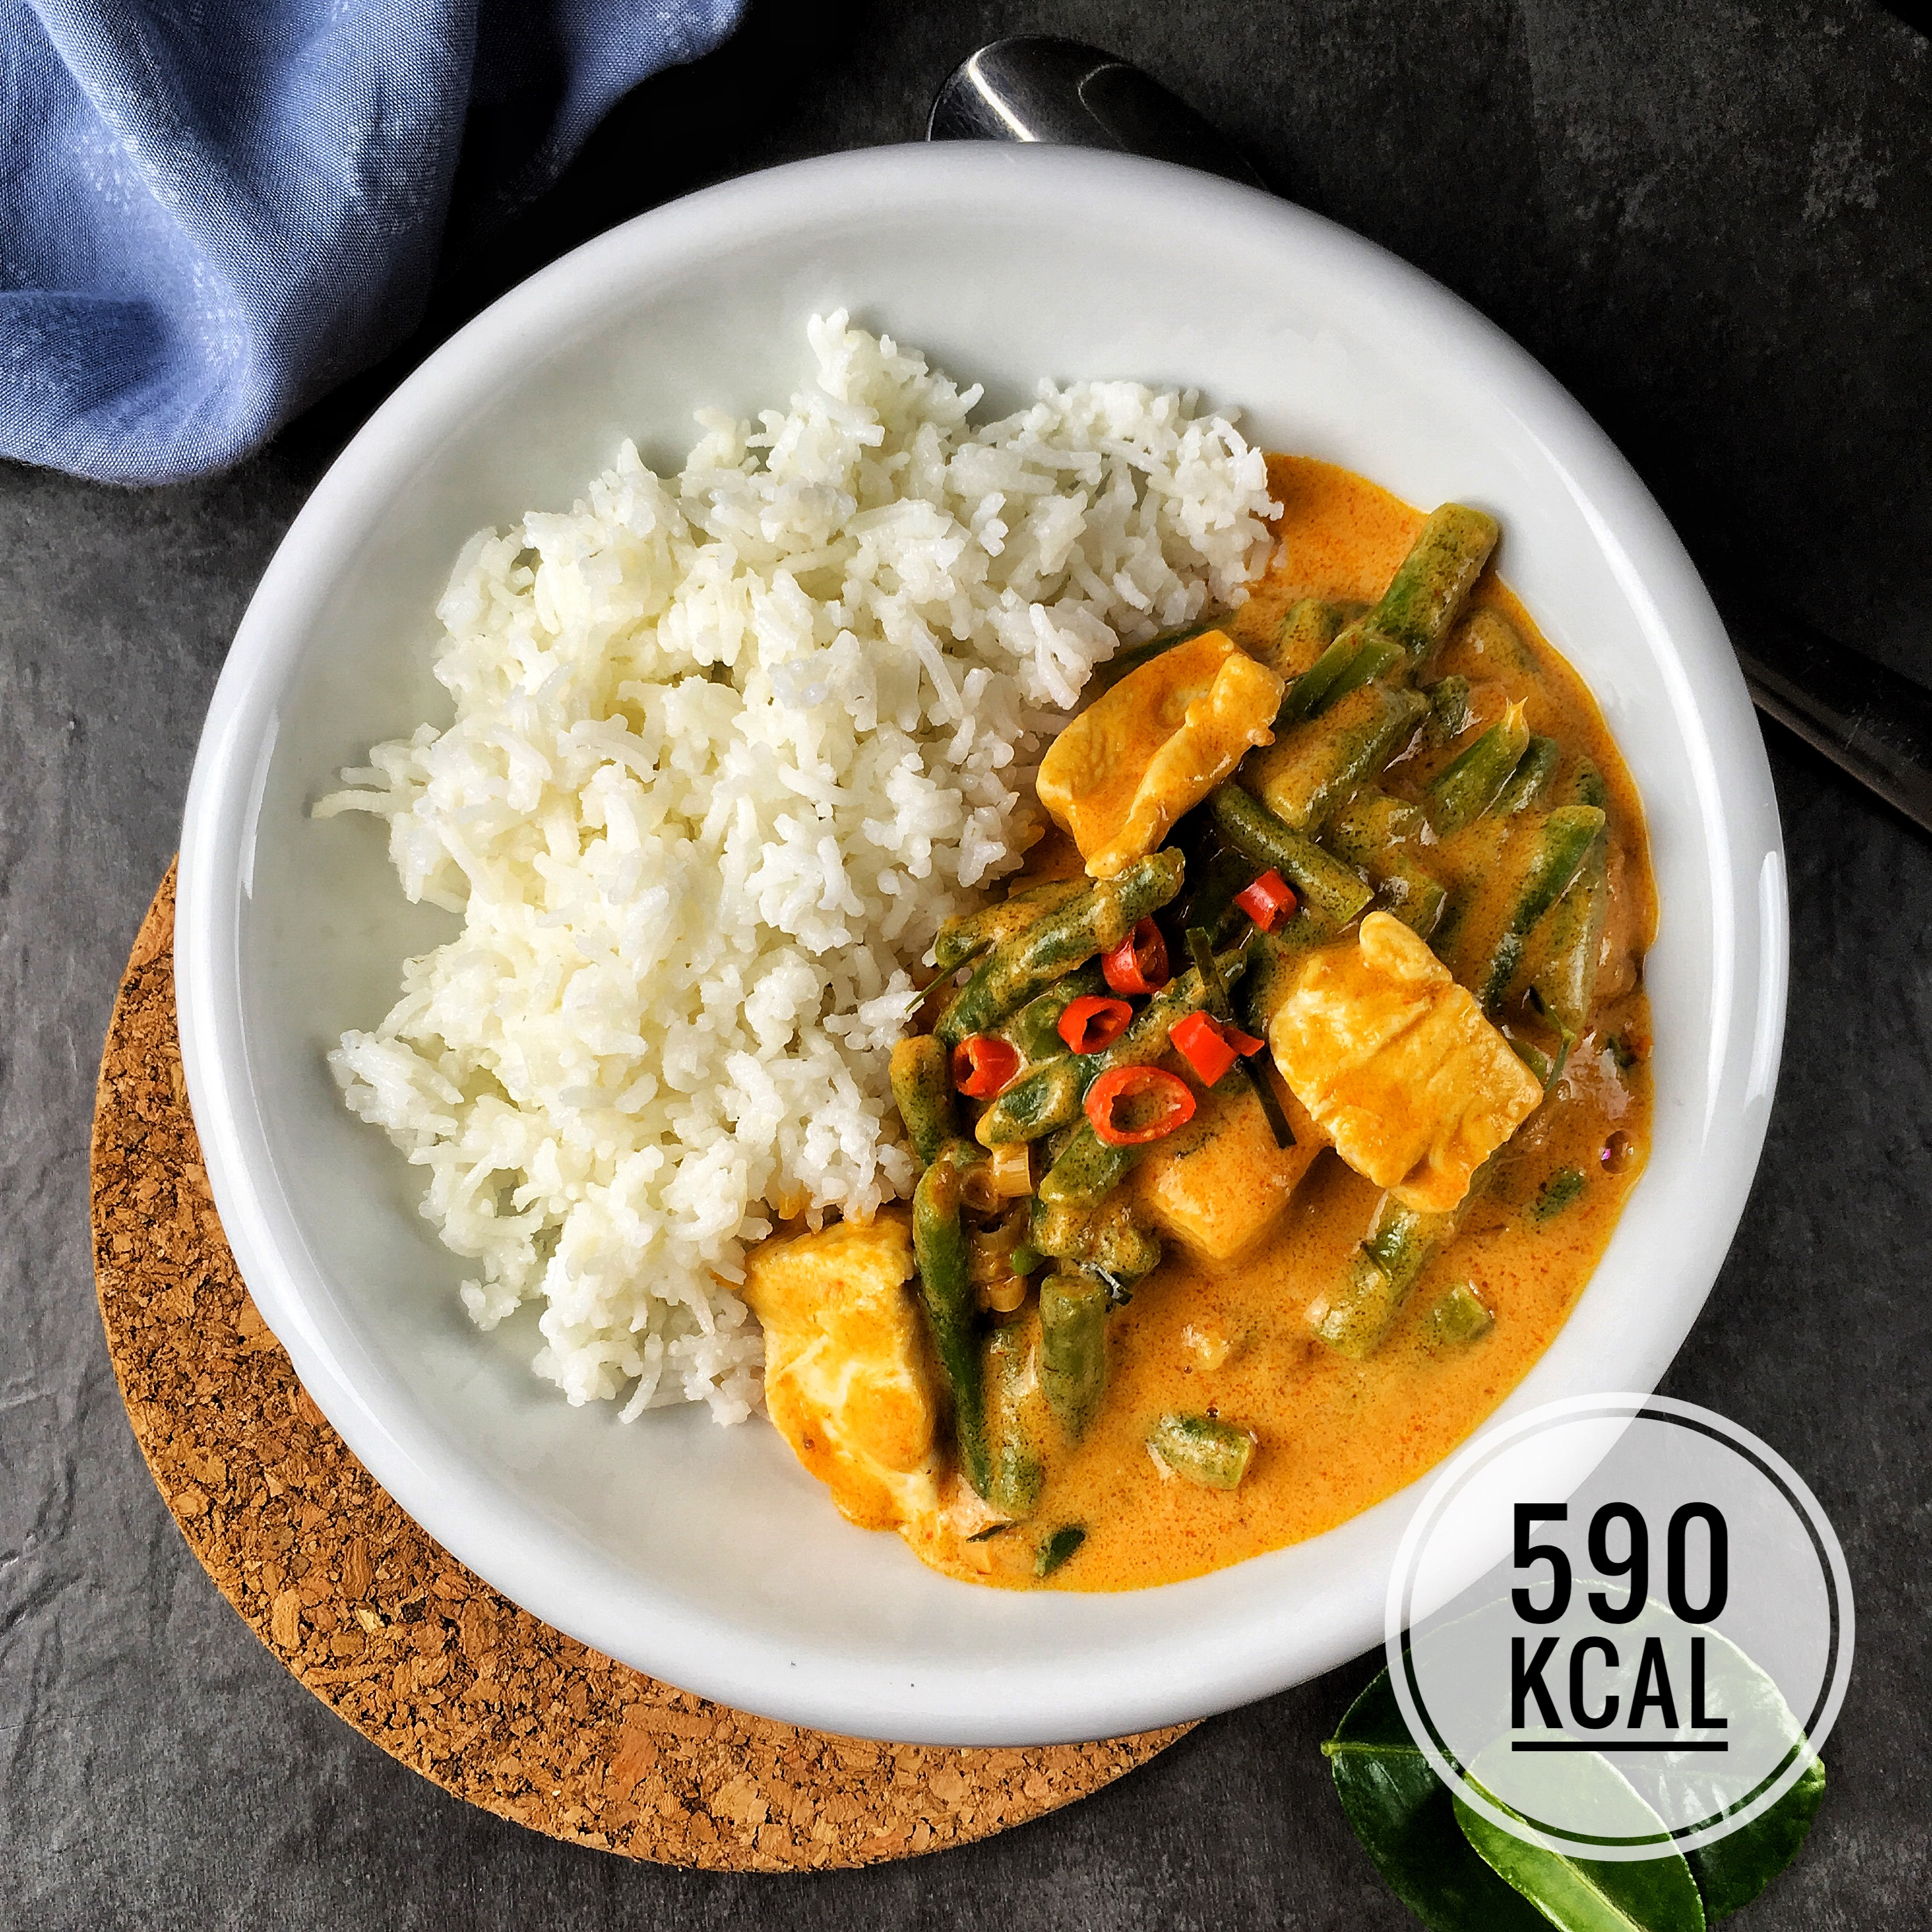 Panang Gai – Curry-Traum mit Erdnuss und Zitronenblatt. Dieses Rezept ist eine echte Geschmacksexplosion, super einfach und irre schnell. Kalorienreduziert. Abnehmen mit Genuss! – Kaloriengeniessen.de #panang #thailändisch #asiatisch #curry #kaloriengeniessen